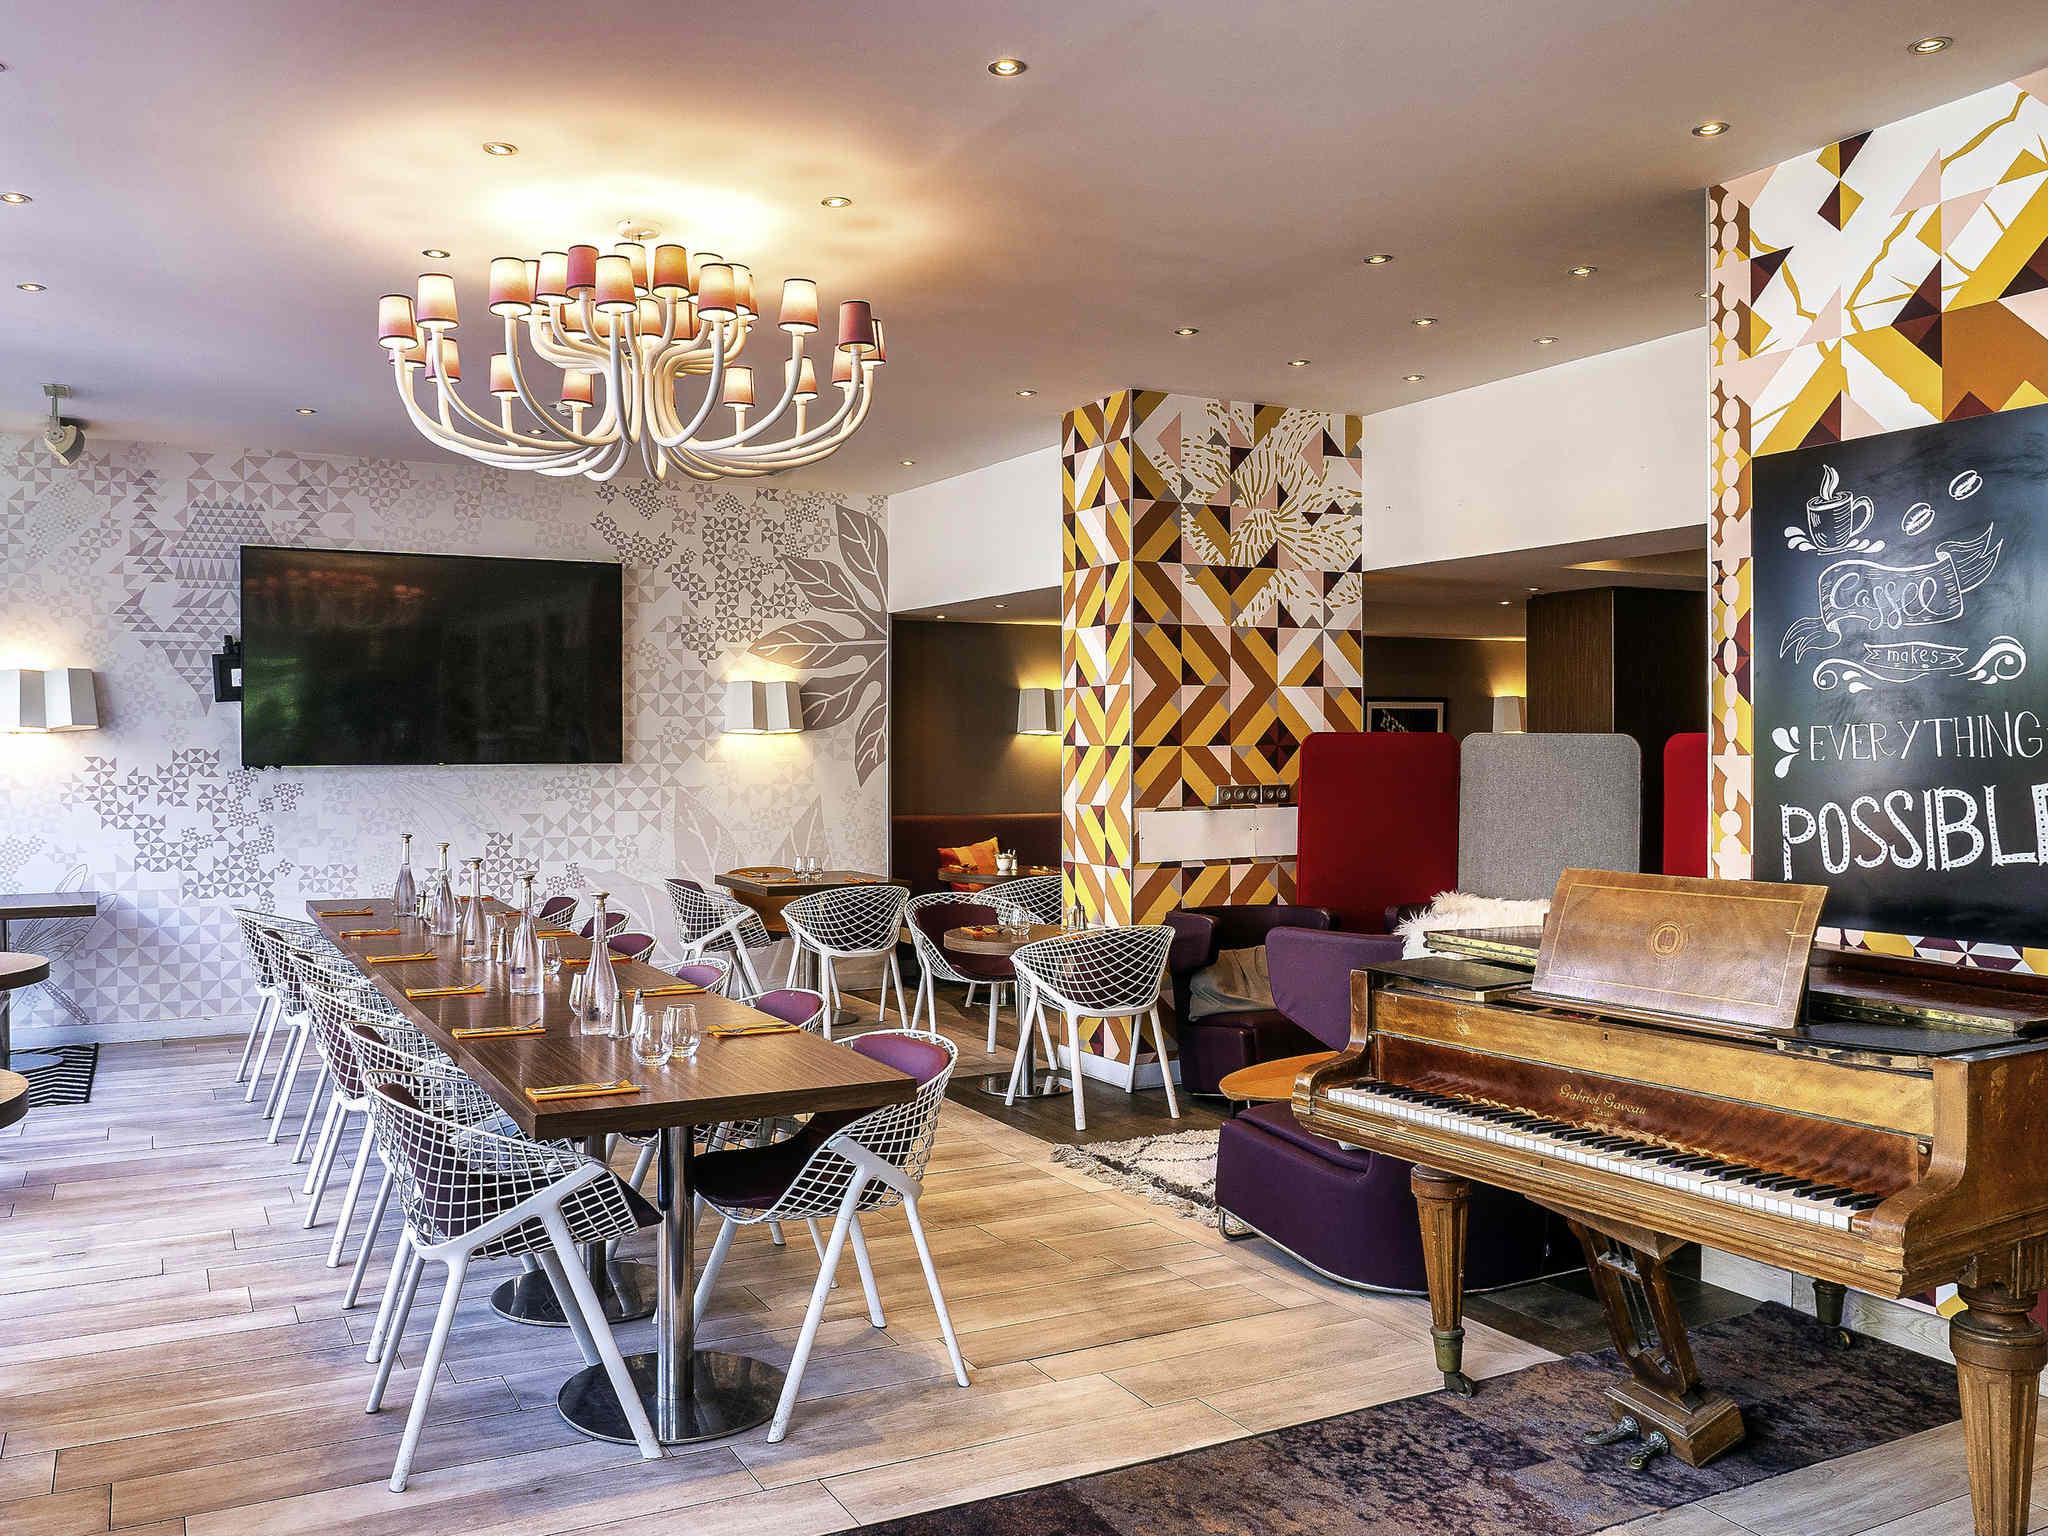 فندق - مركيور Mercure باريس مونمارتر ساكري كور